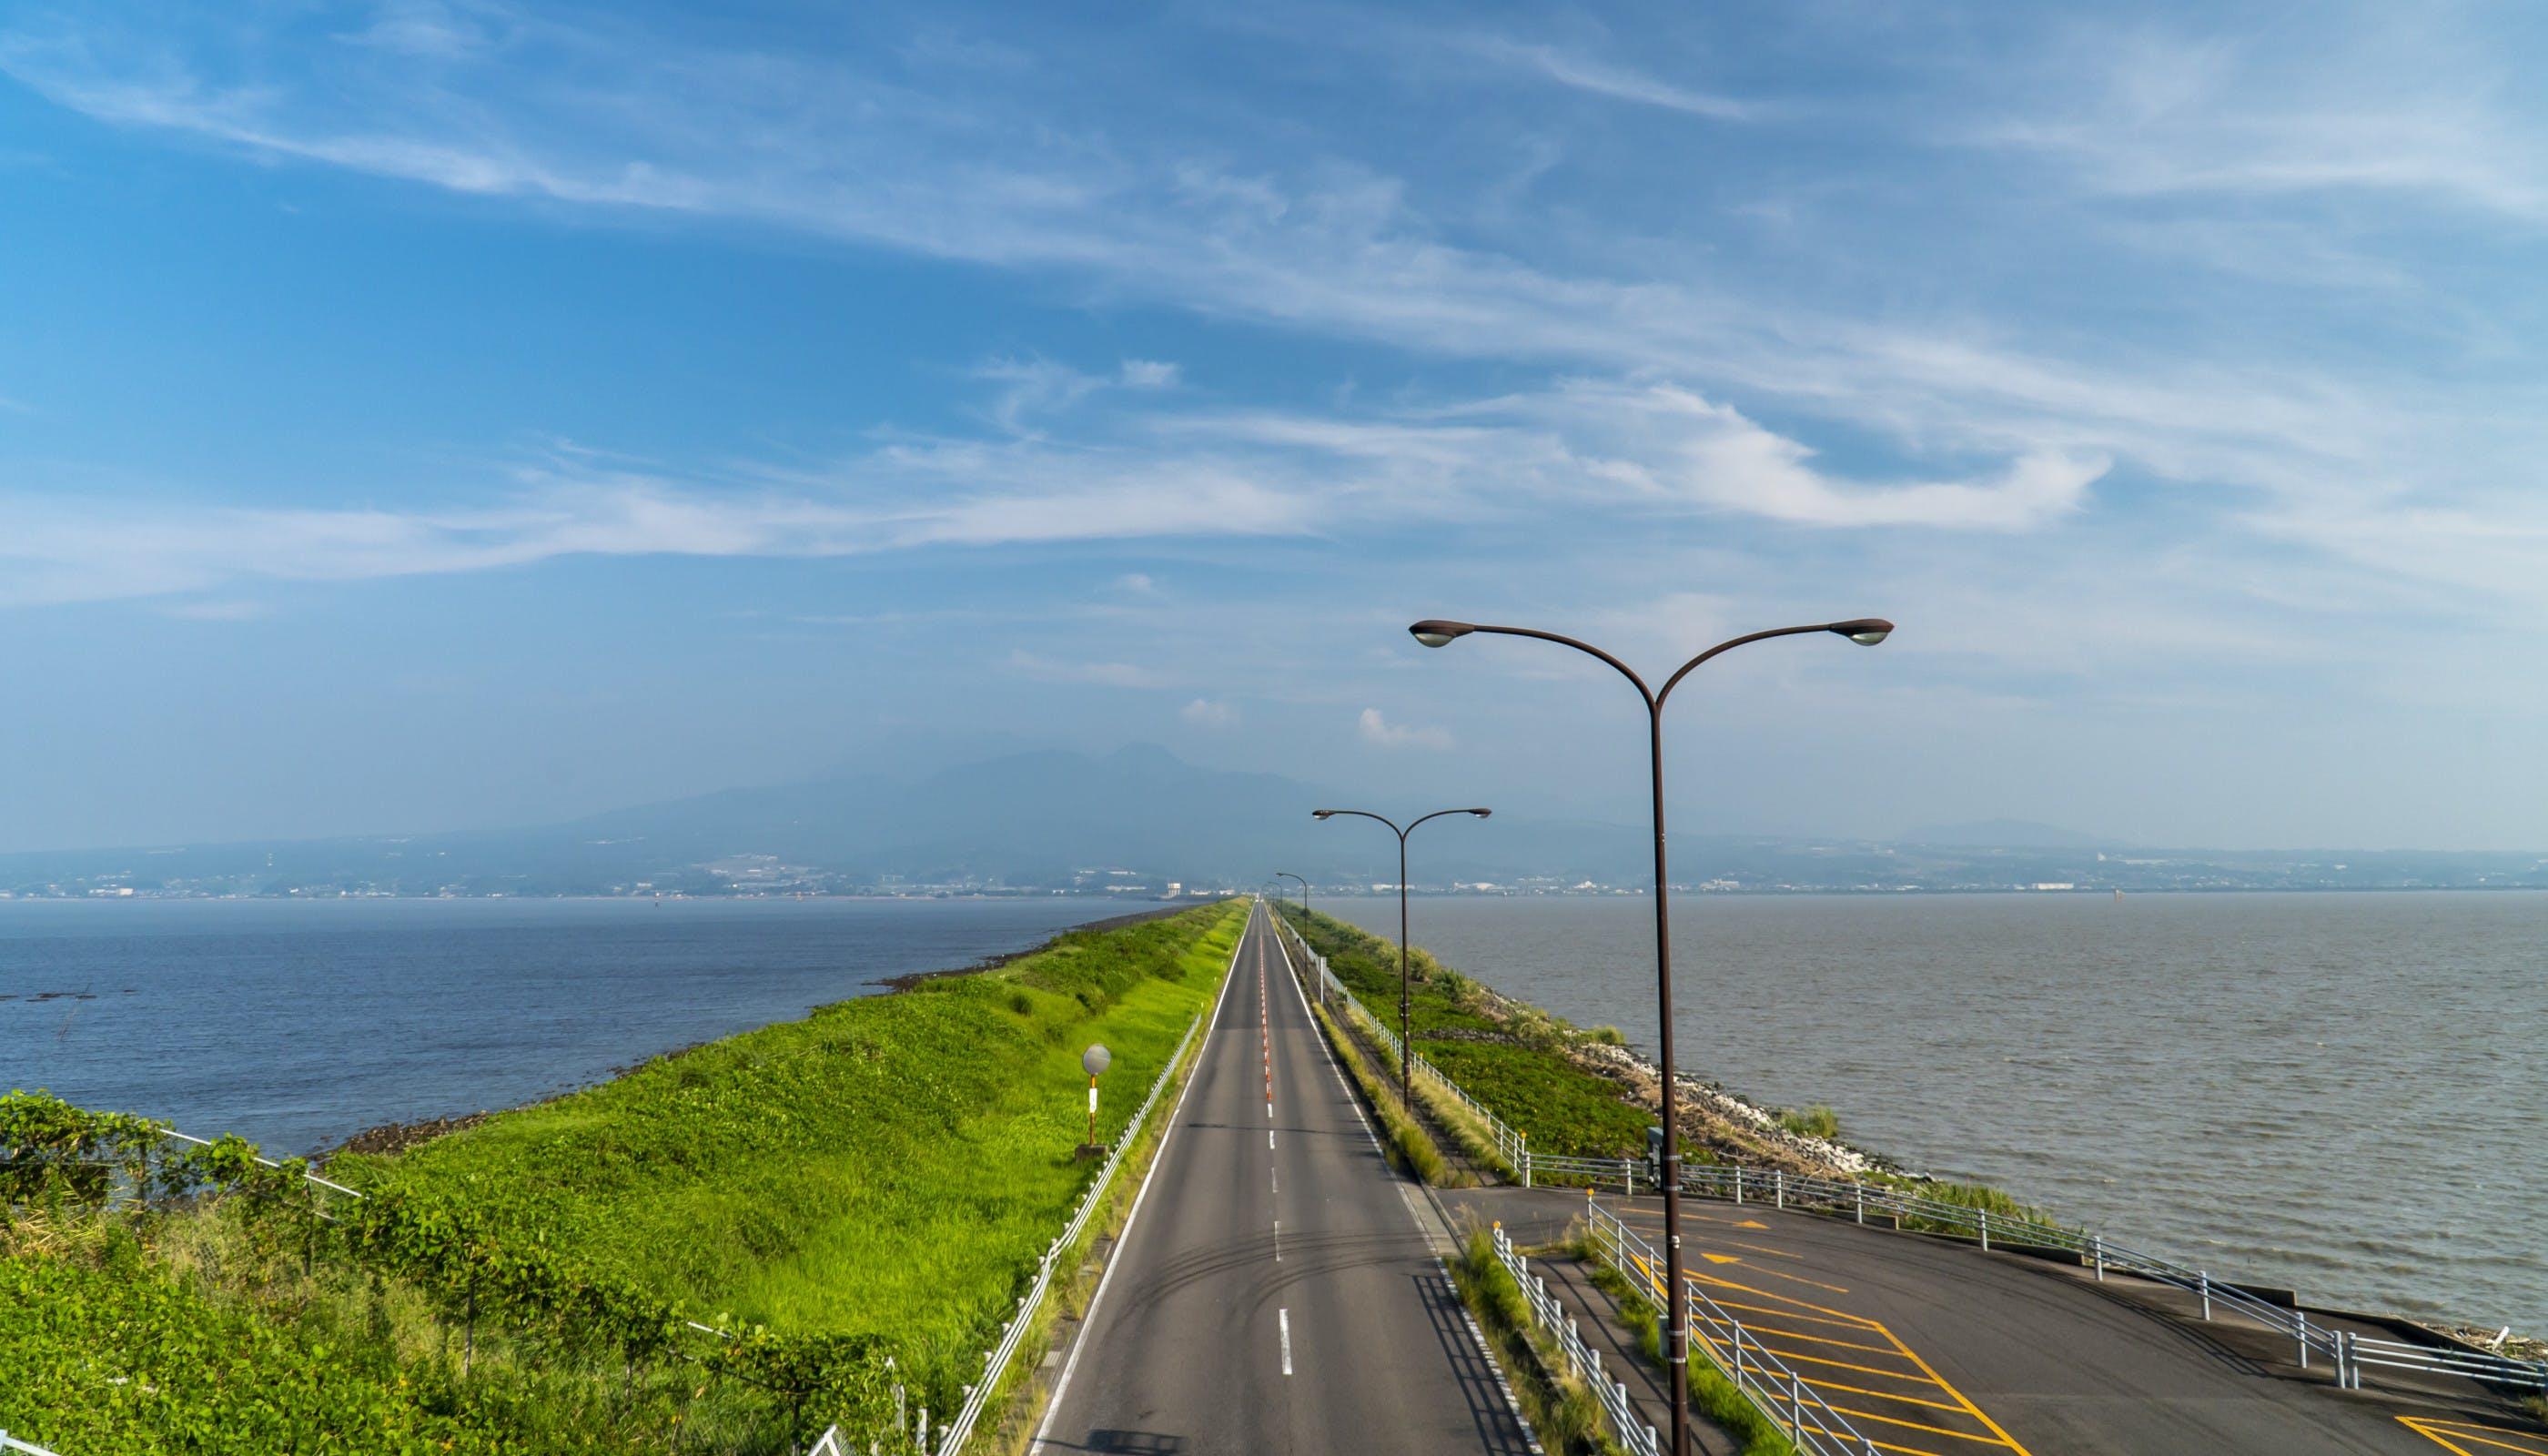 九州周遊!男一人のドライブ旅行におすすめの宿